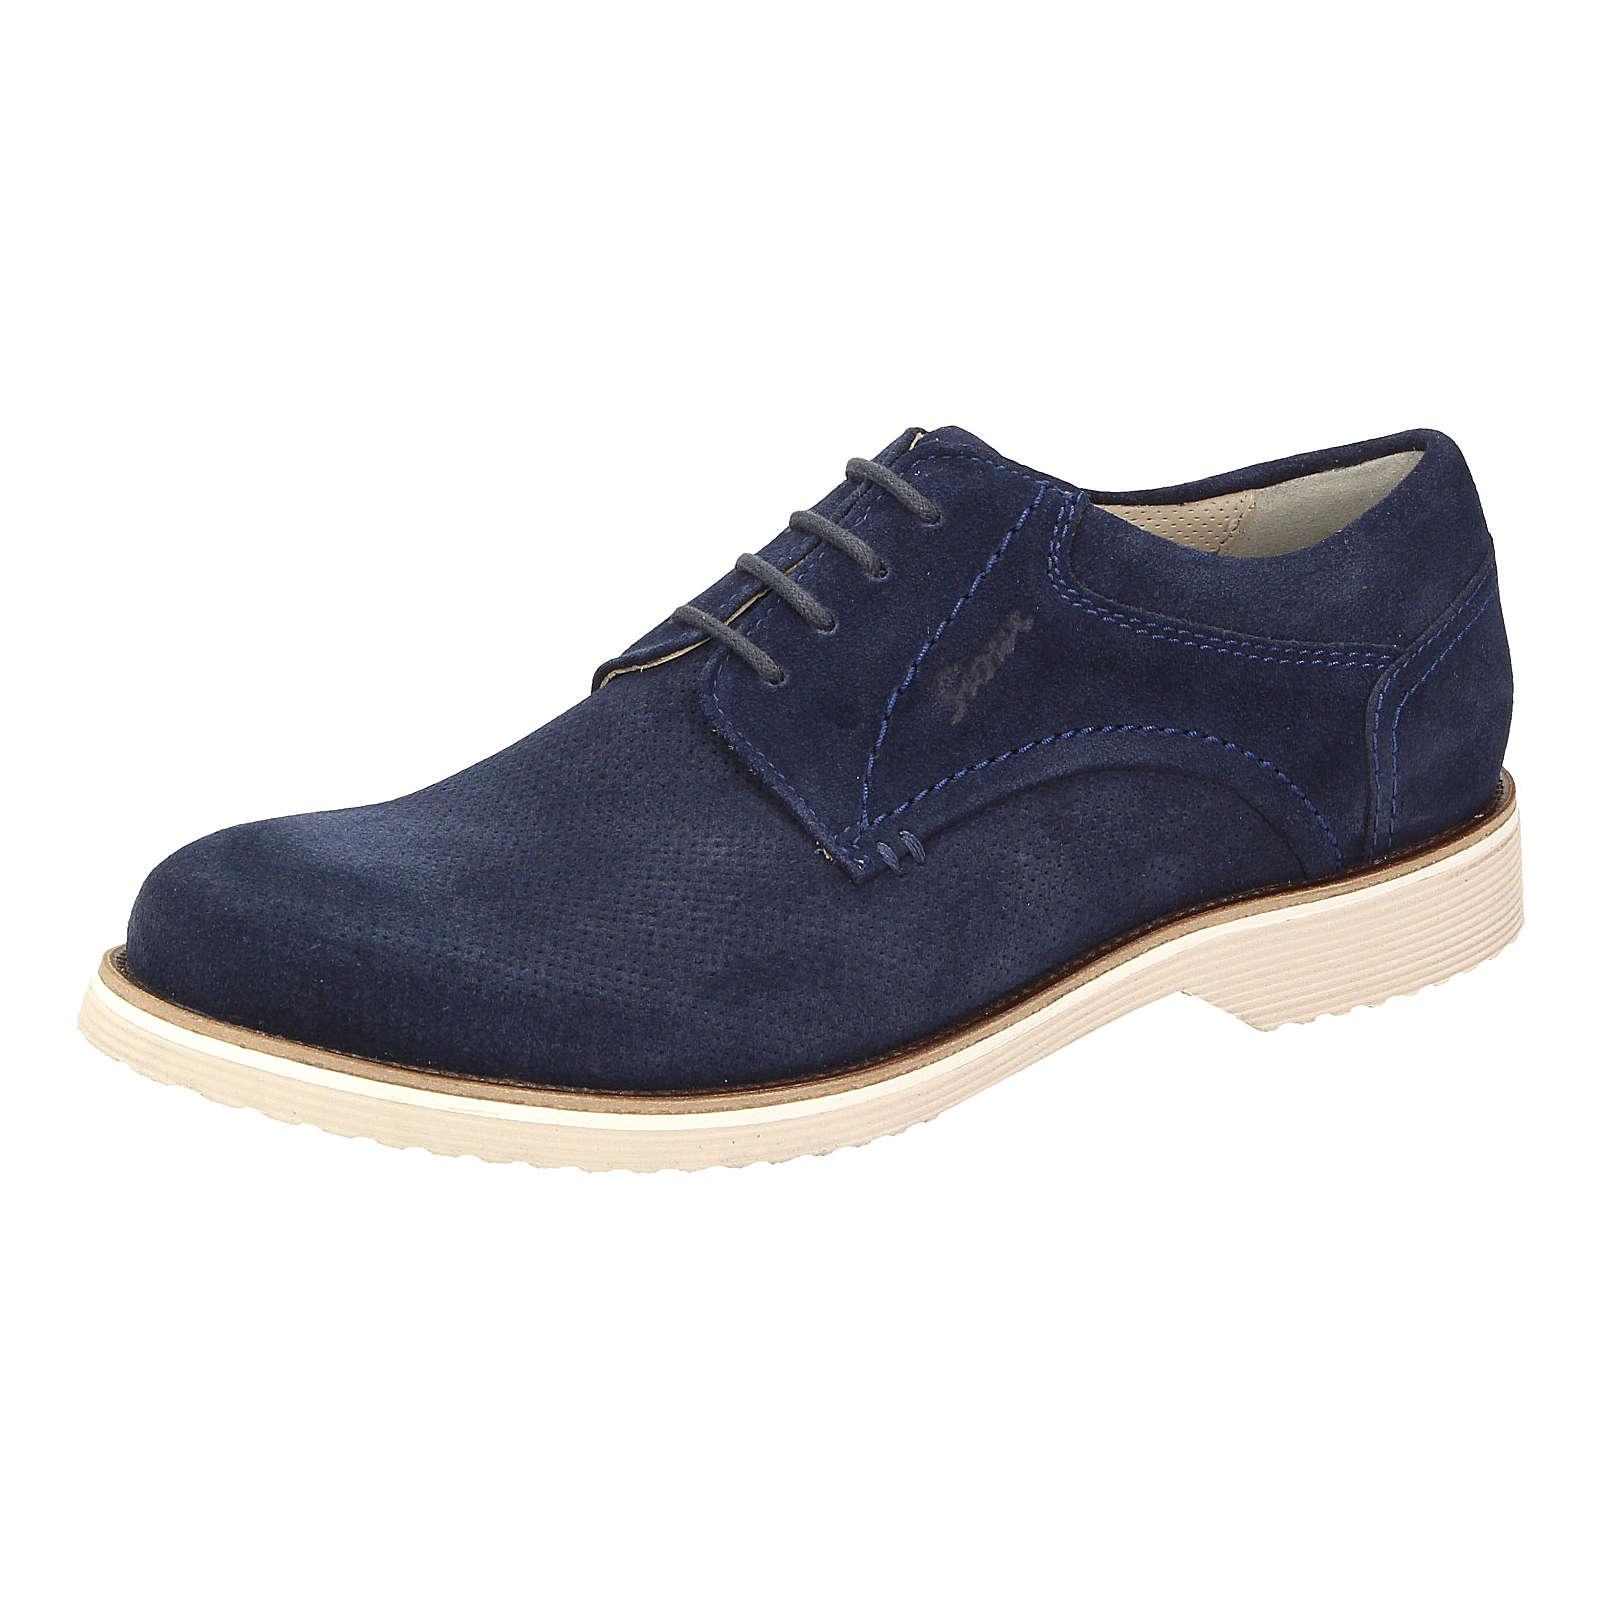 Sioux Dimitar-XL Freizeit Schuhe blau Herren Gr. 43